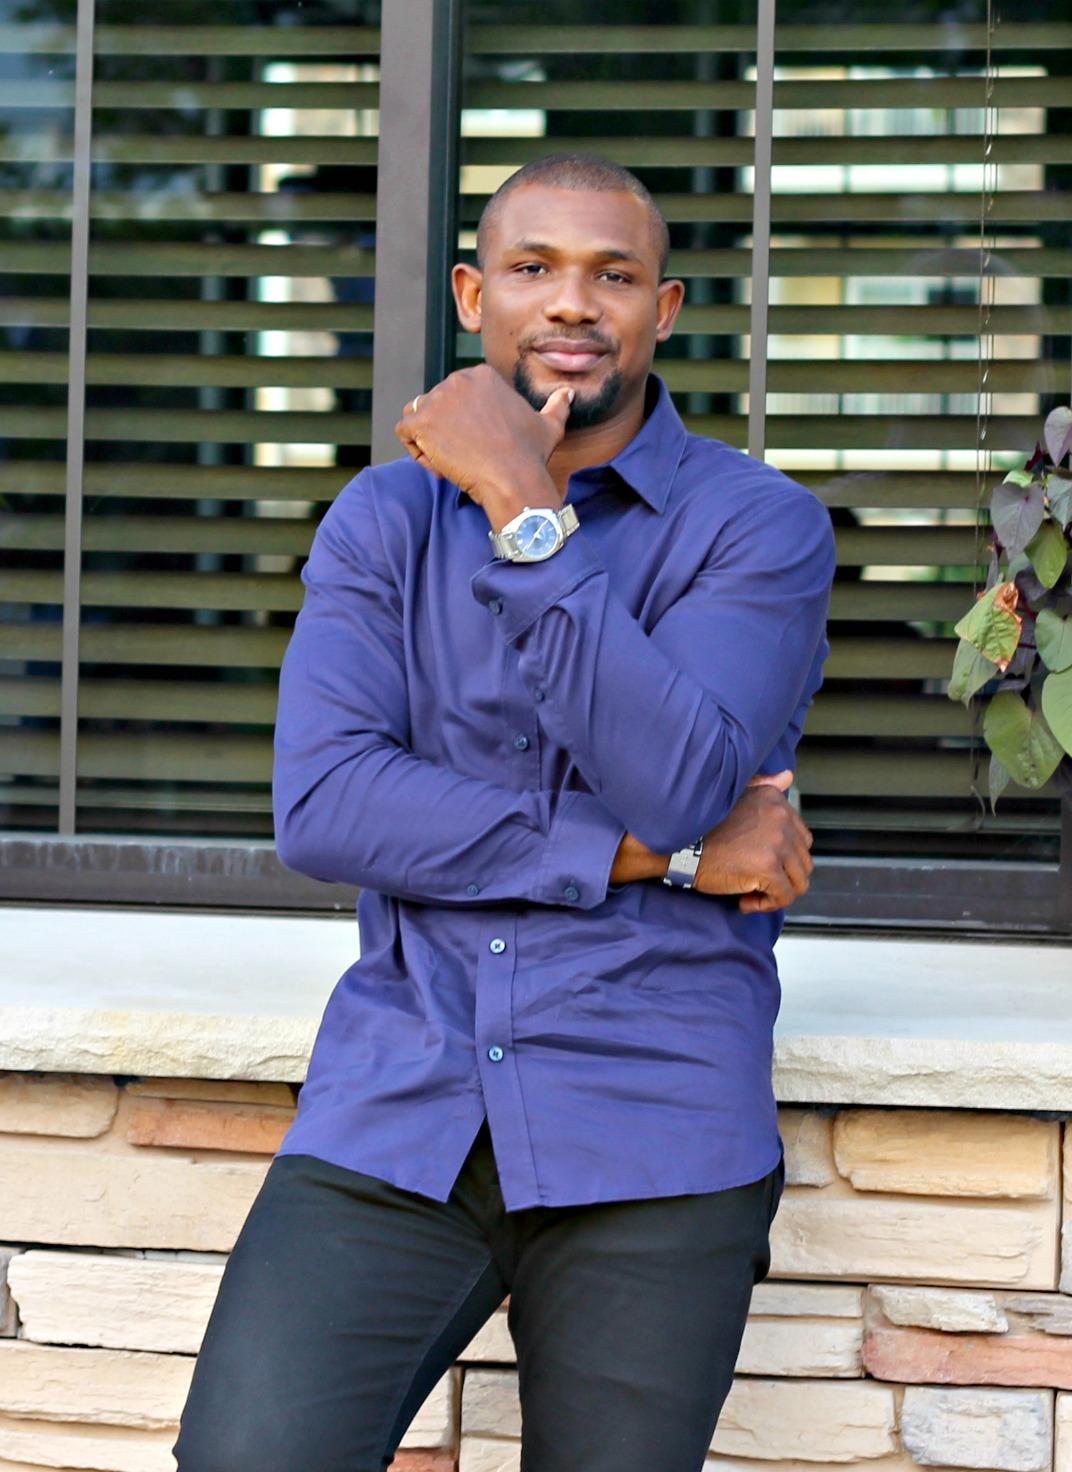 dapper-man-in-blue-shirt